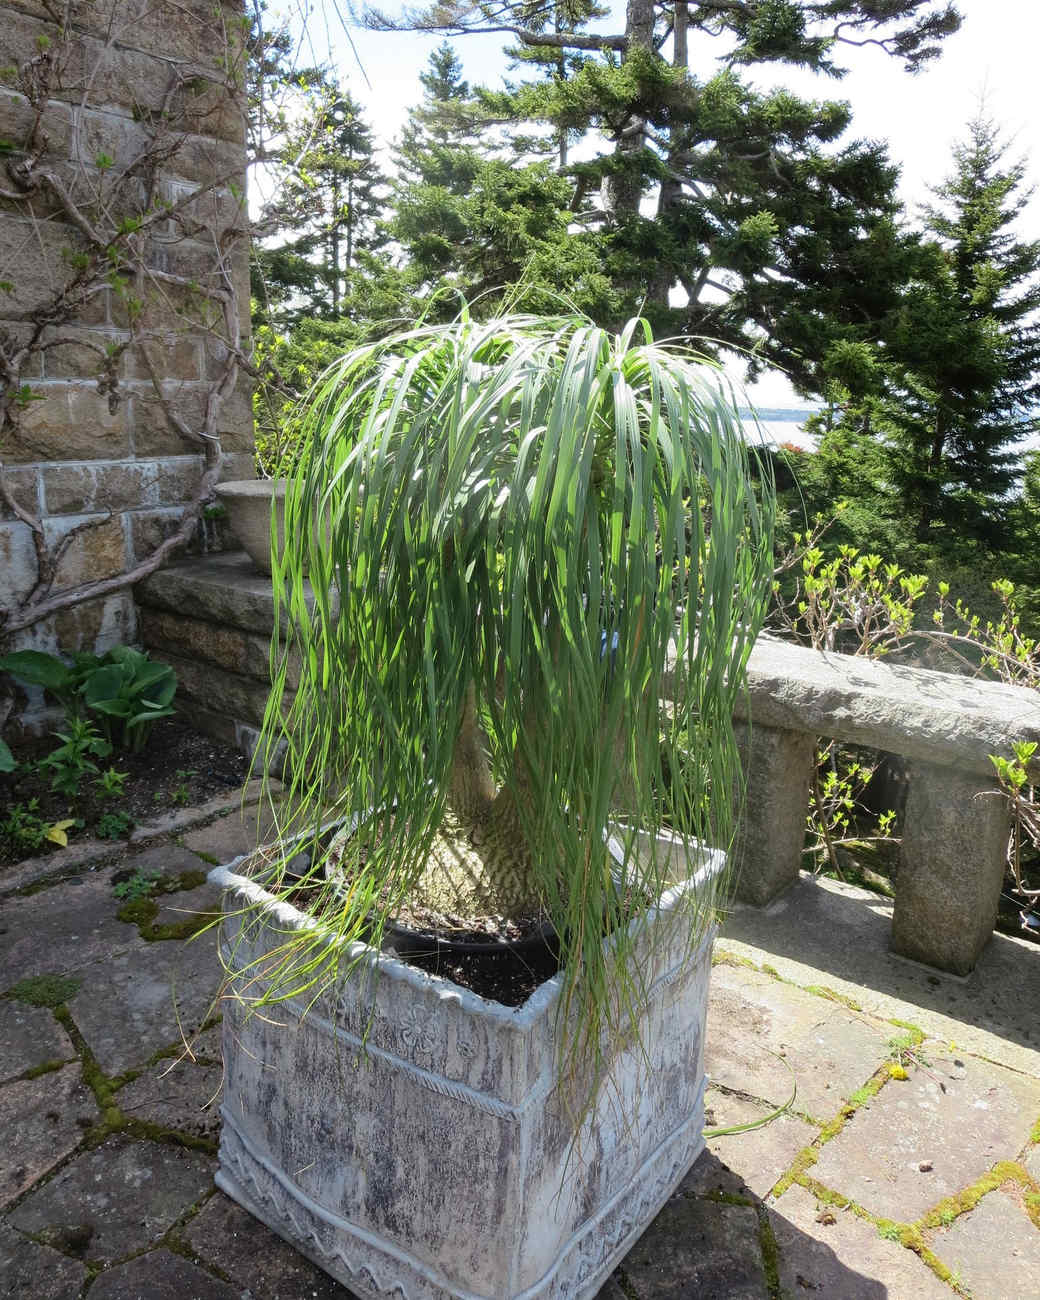 planting-urns-skylands-31-0514.jpg